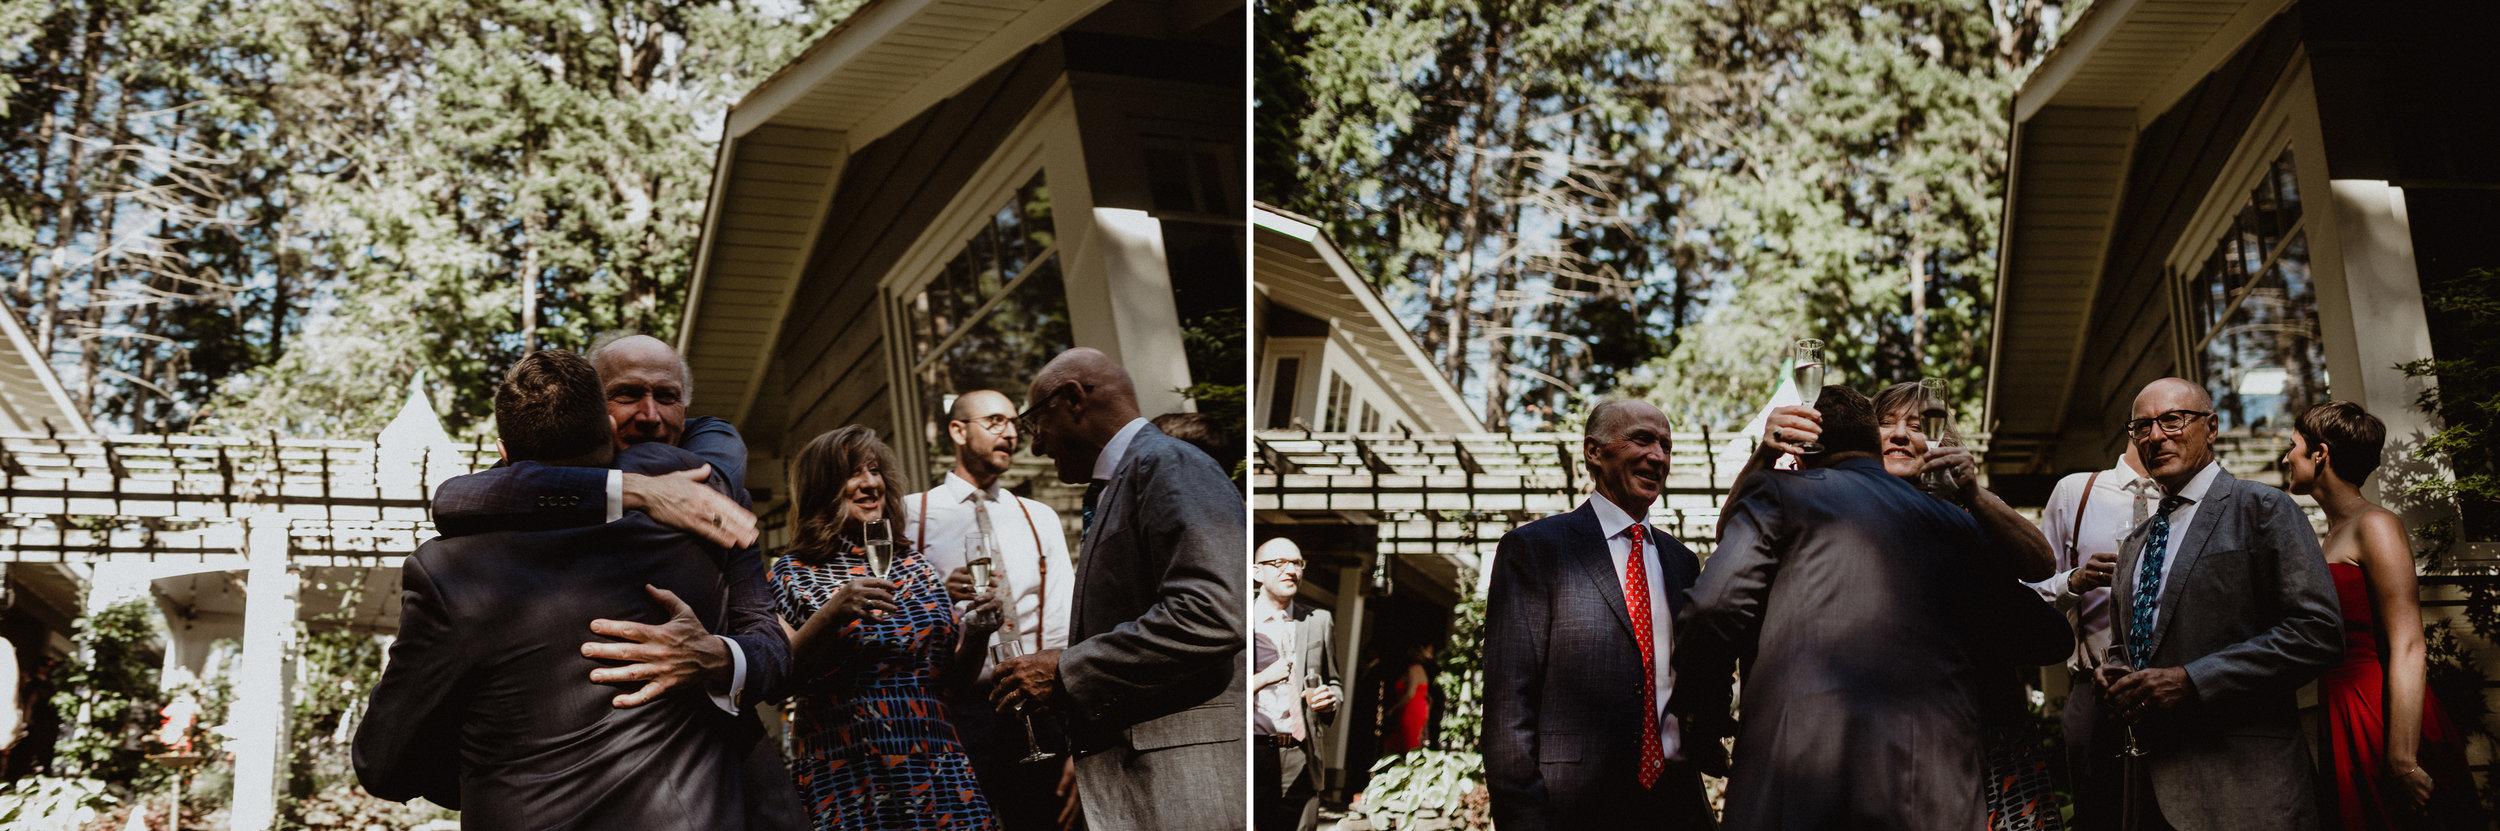 west-vancouver-backyard-wedding-147.jpg